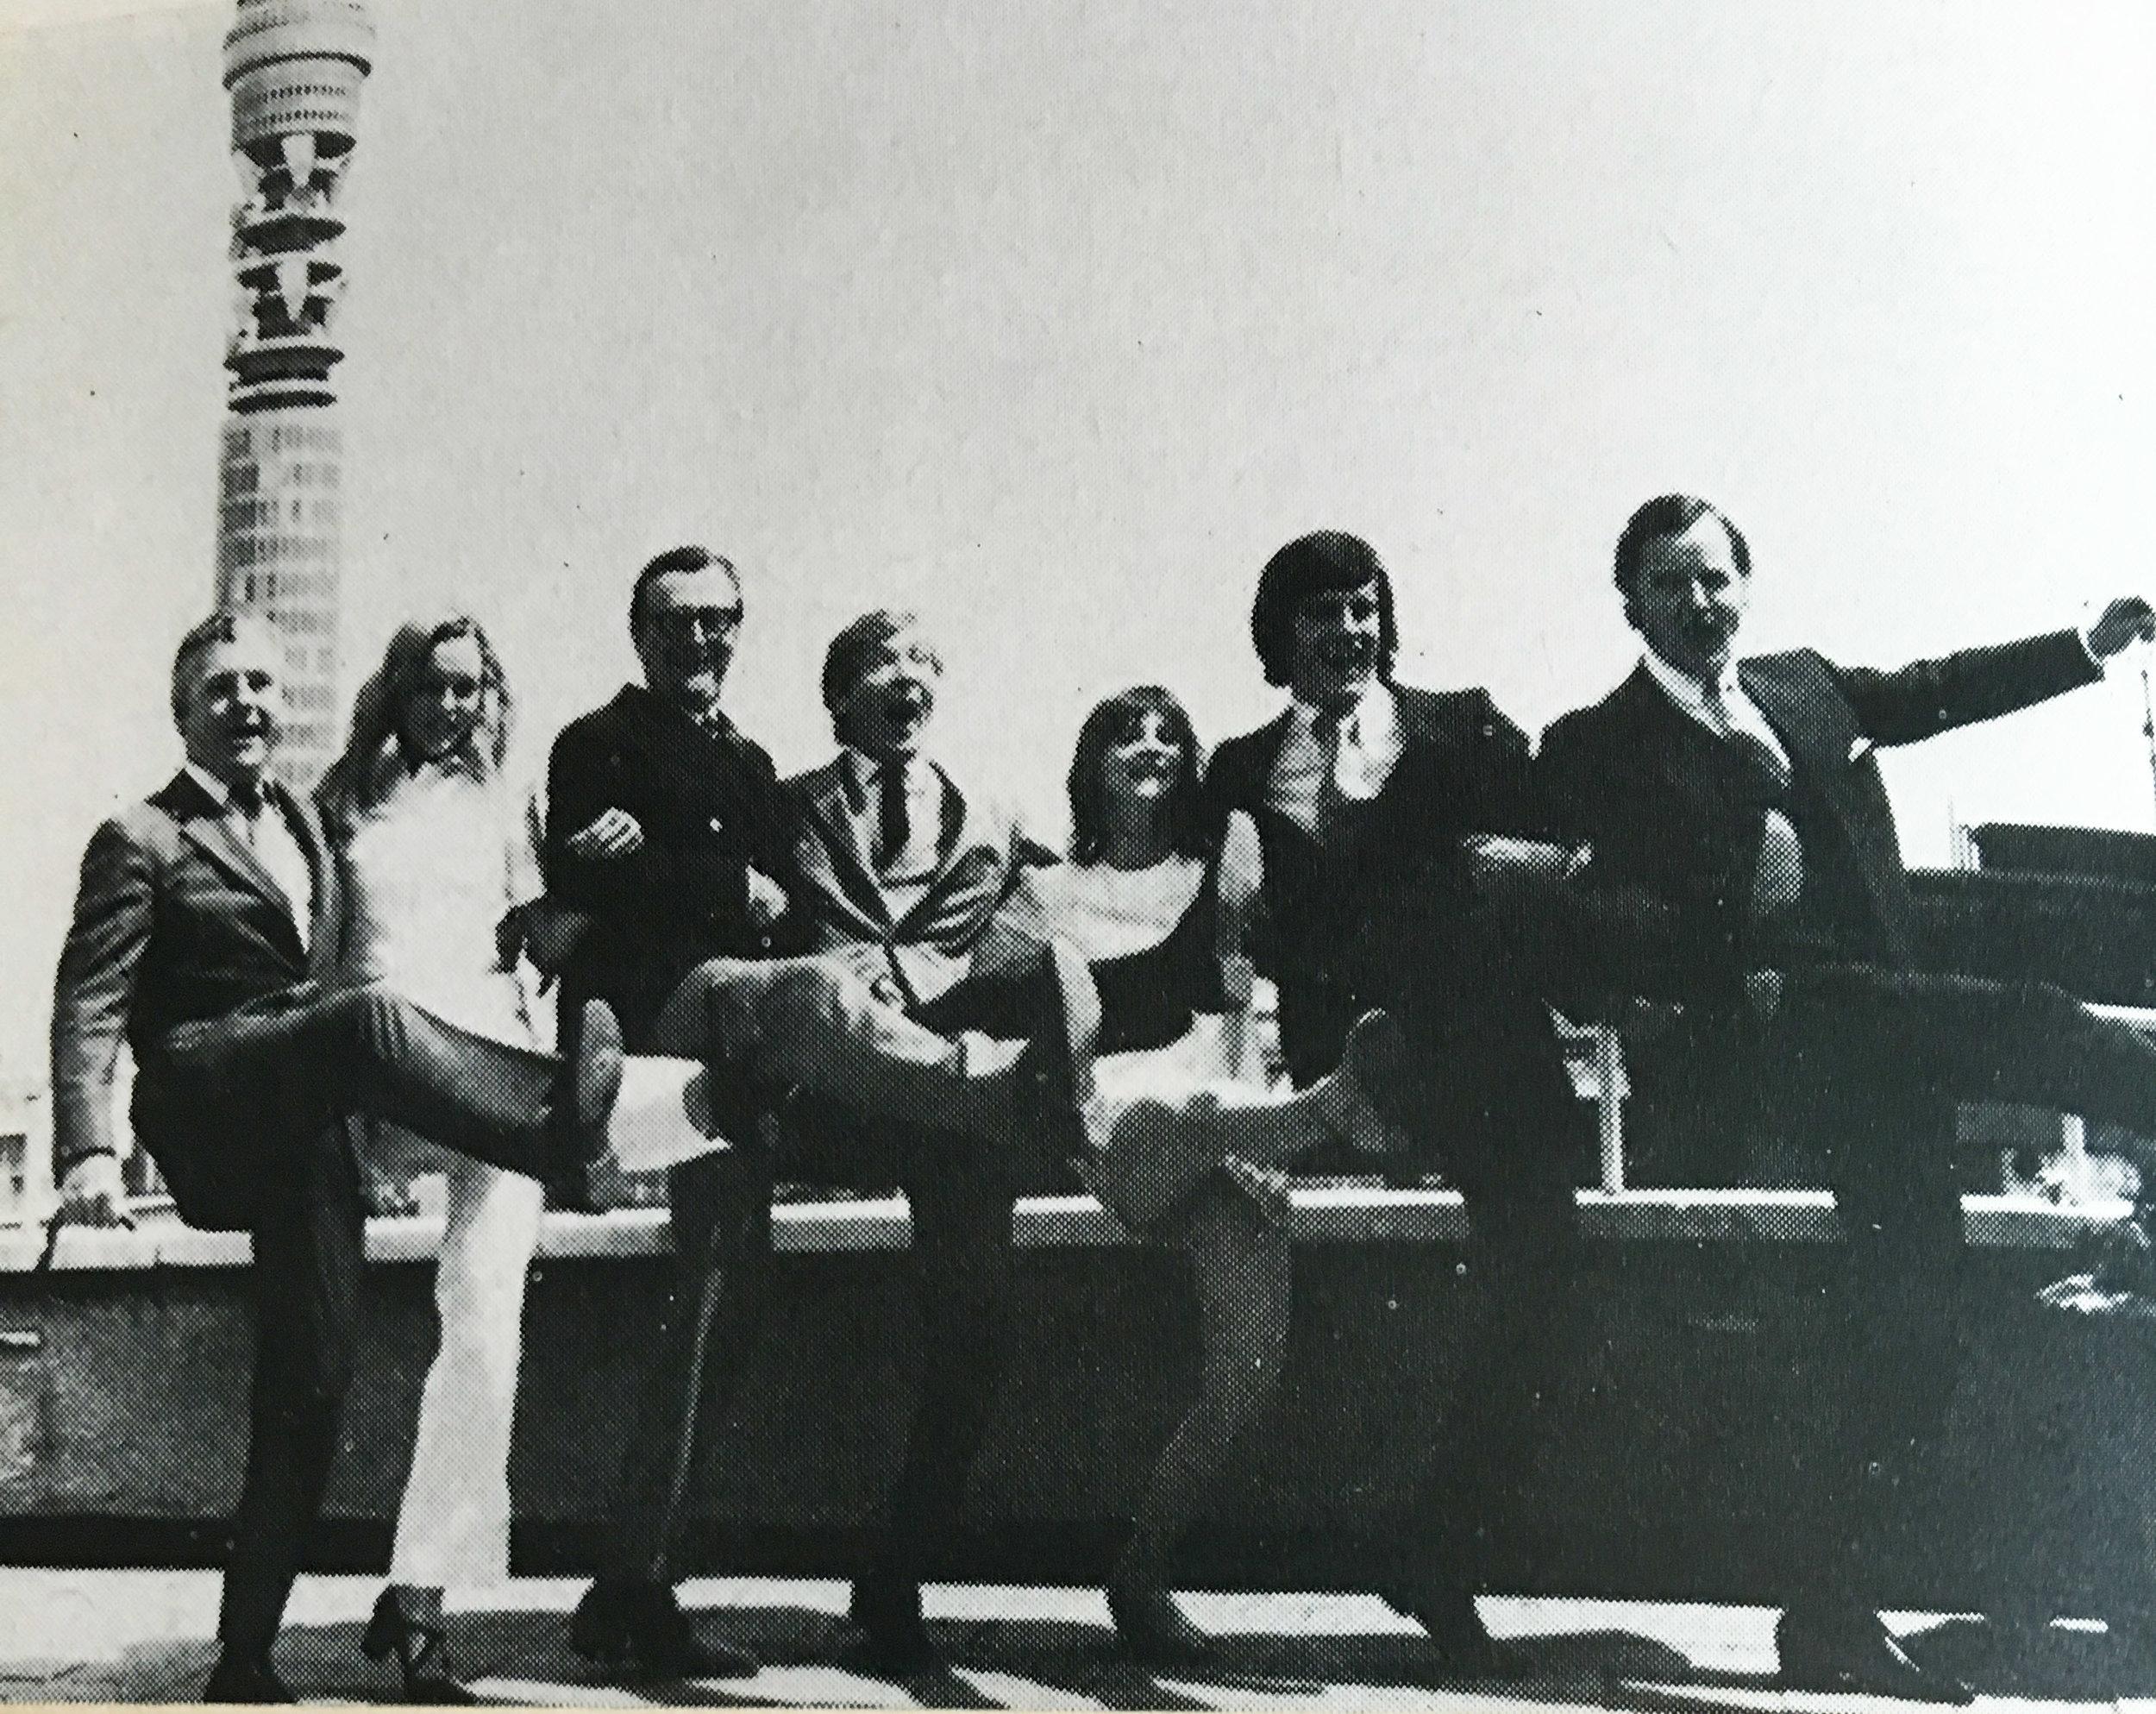 Kenneth More, Lisa Goddard, Cyril Fletcher, Kenneth Williams, Liz Gebhardt, Gyles Brandreth and Nicholas Parsons launching BBC Radio 4's summer season in 1971